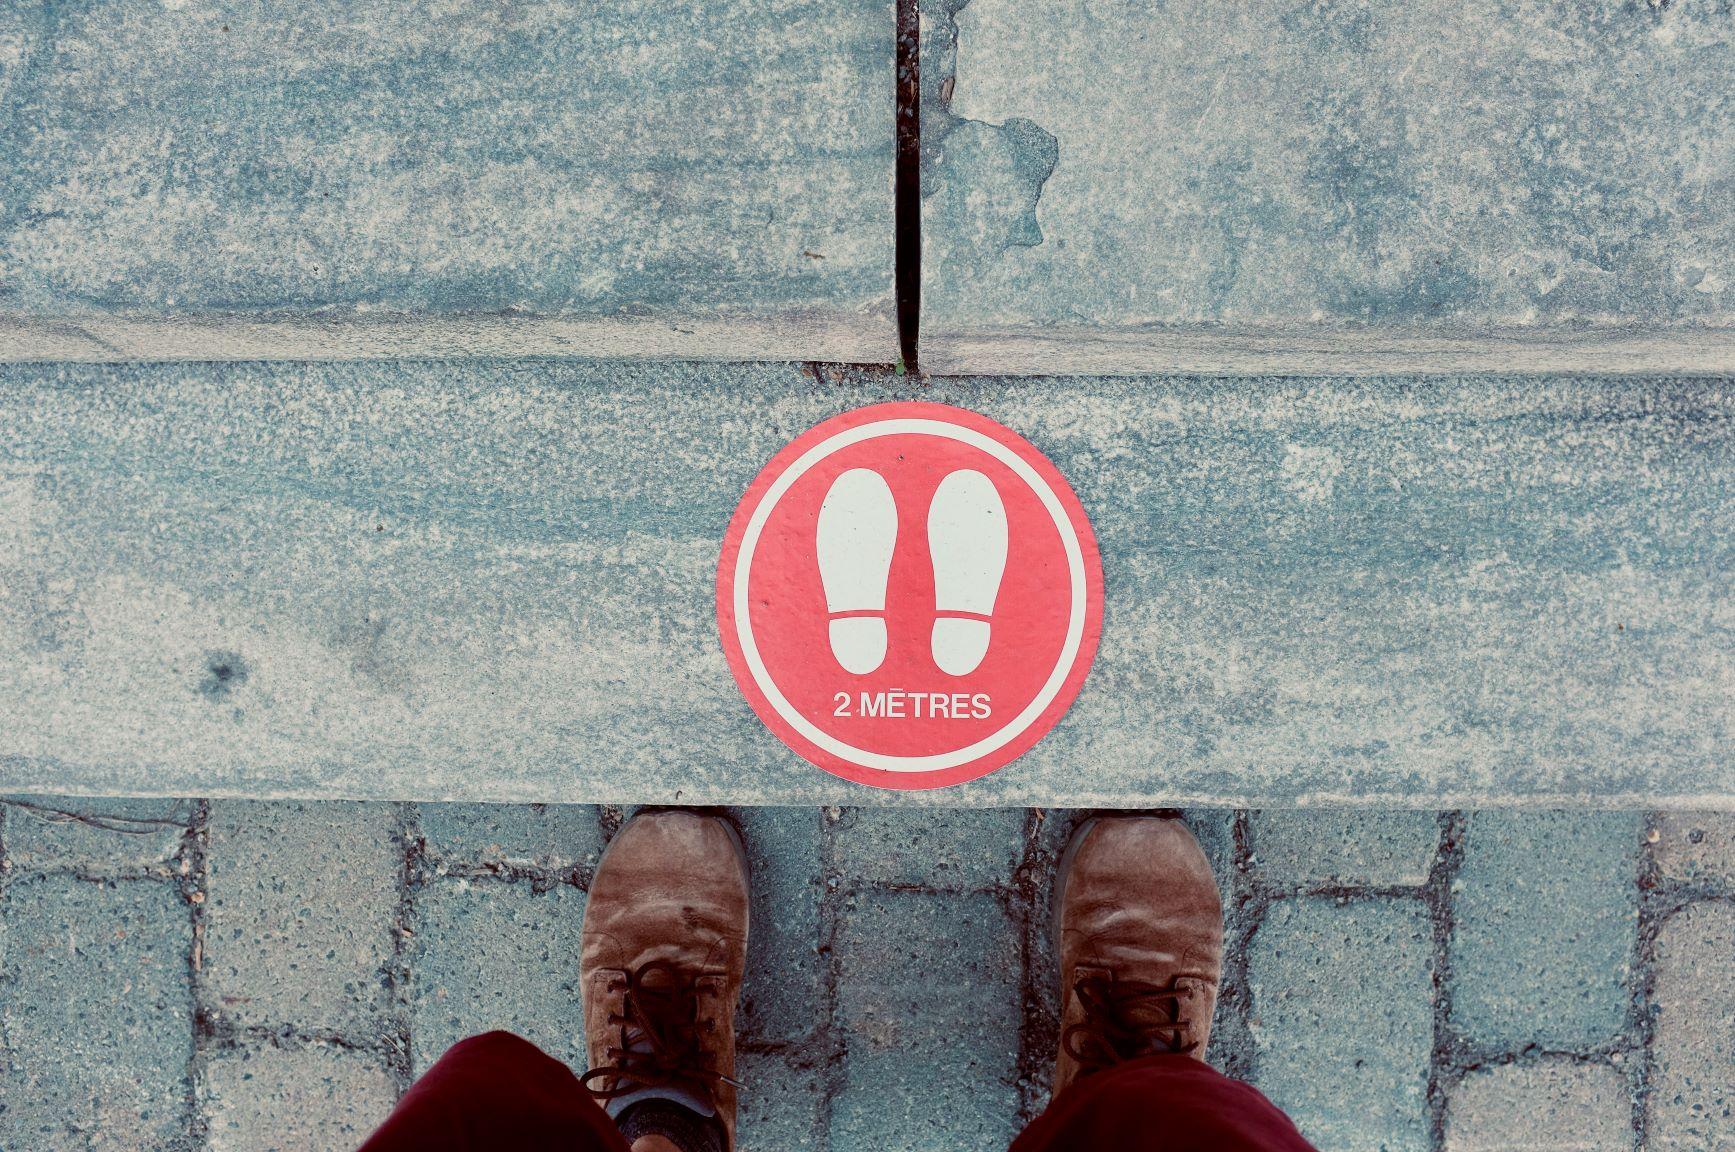 Vignette indiquant une distance de 2 mètres dans une file d'attente